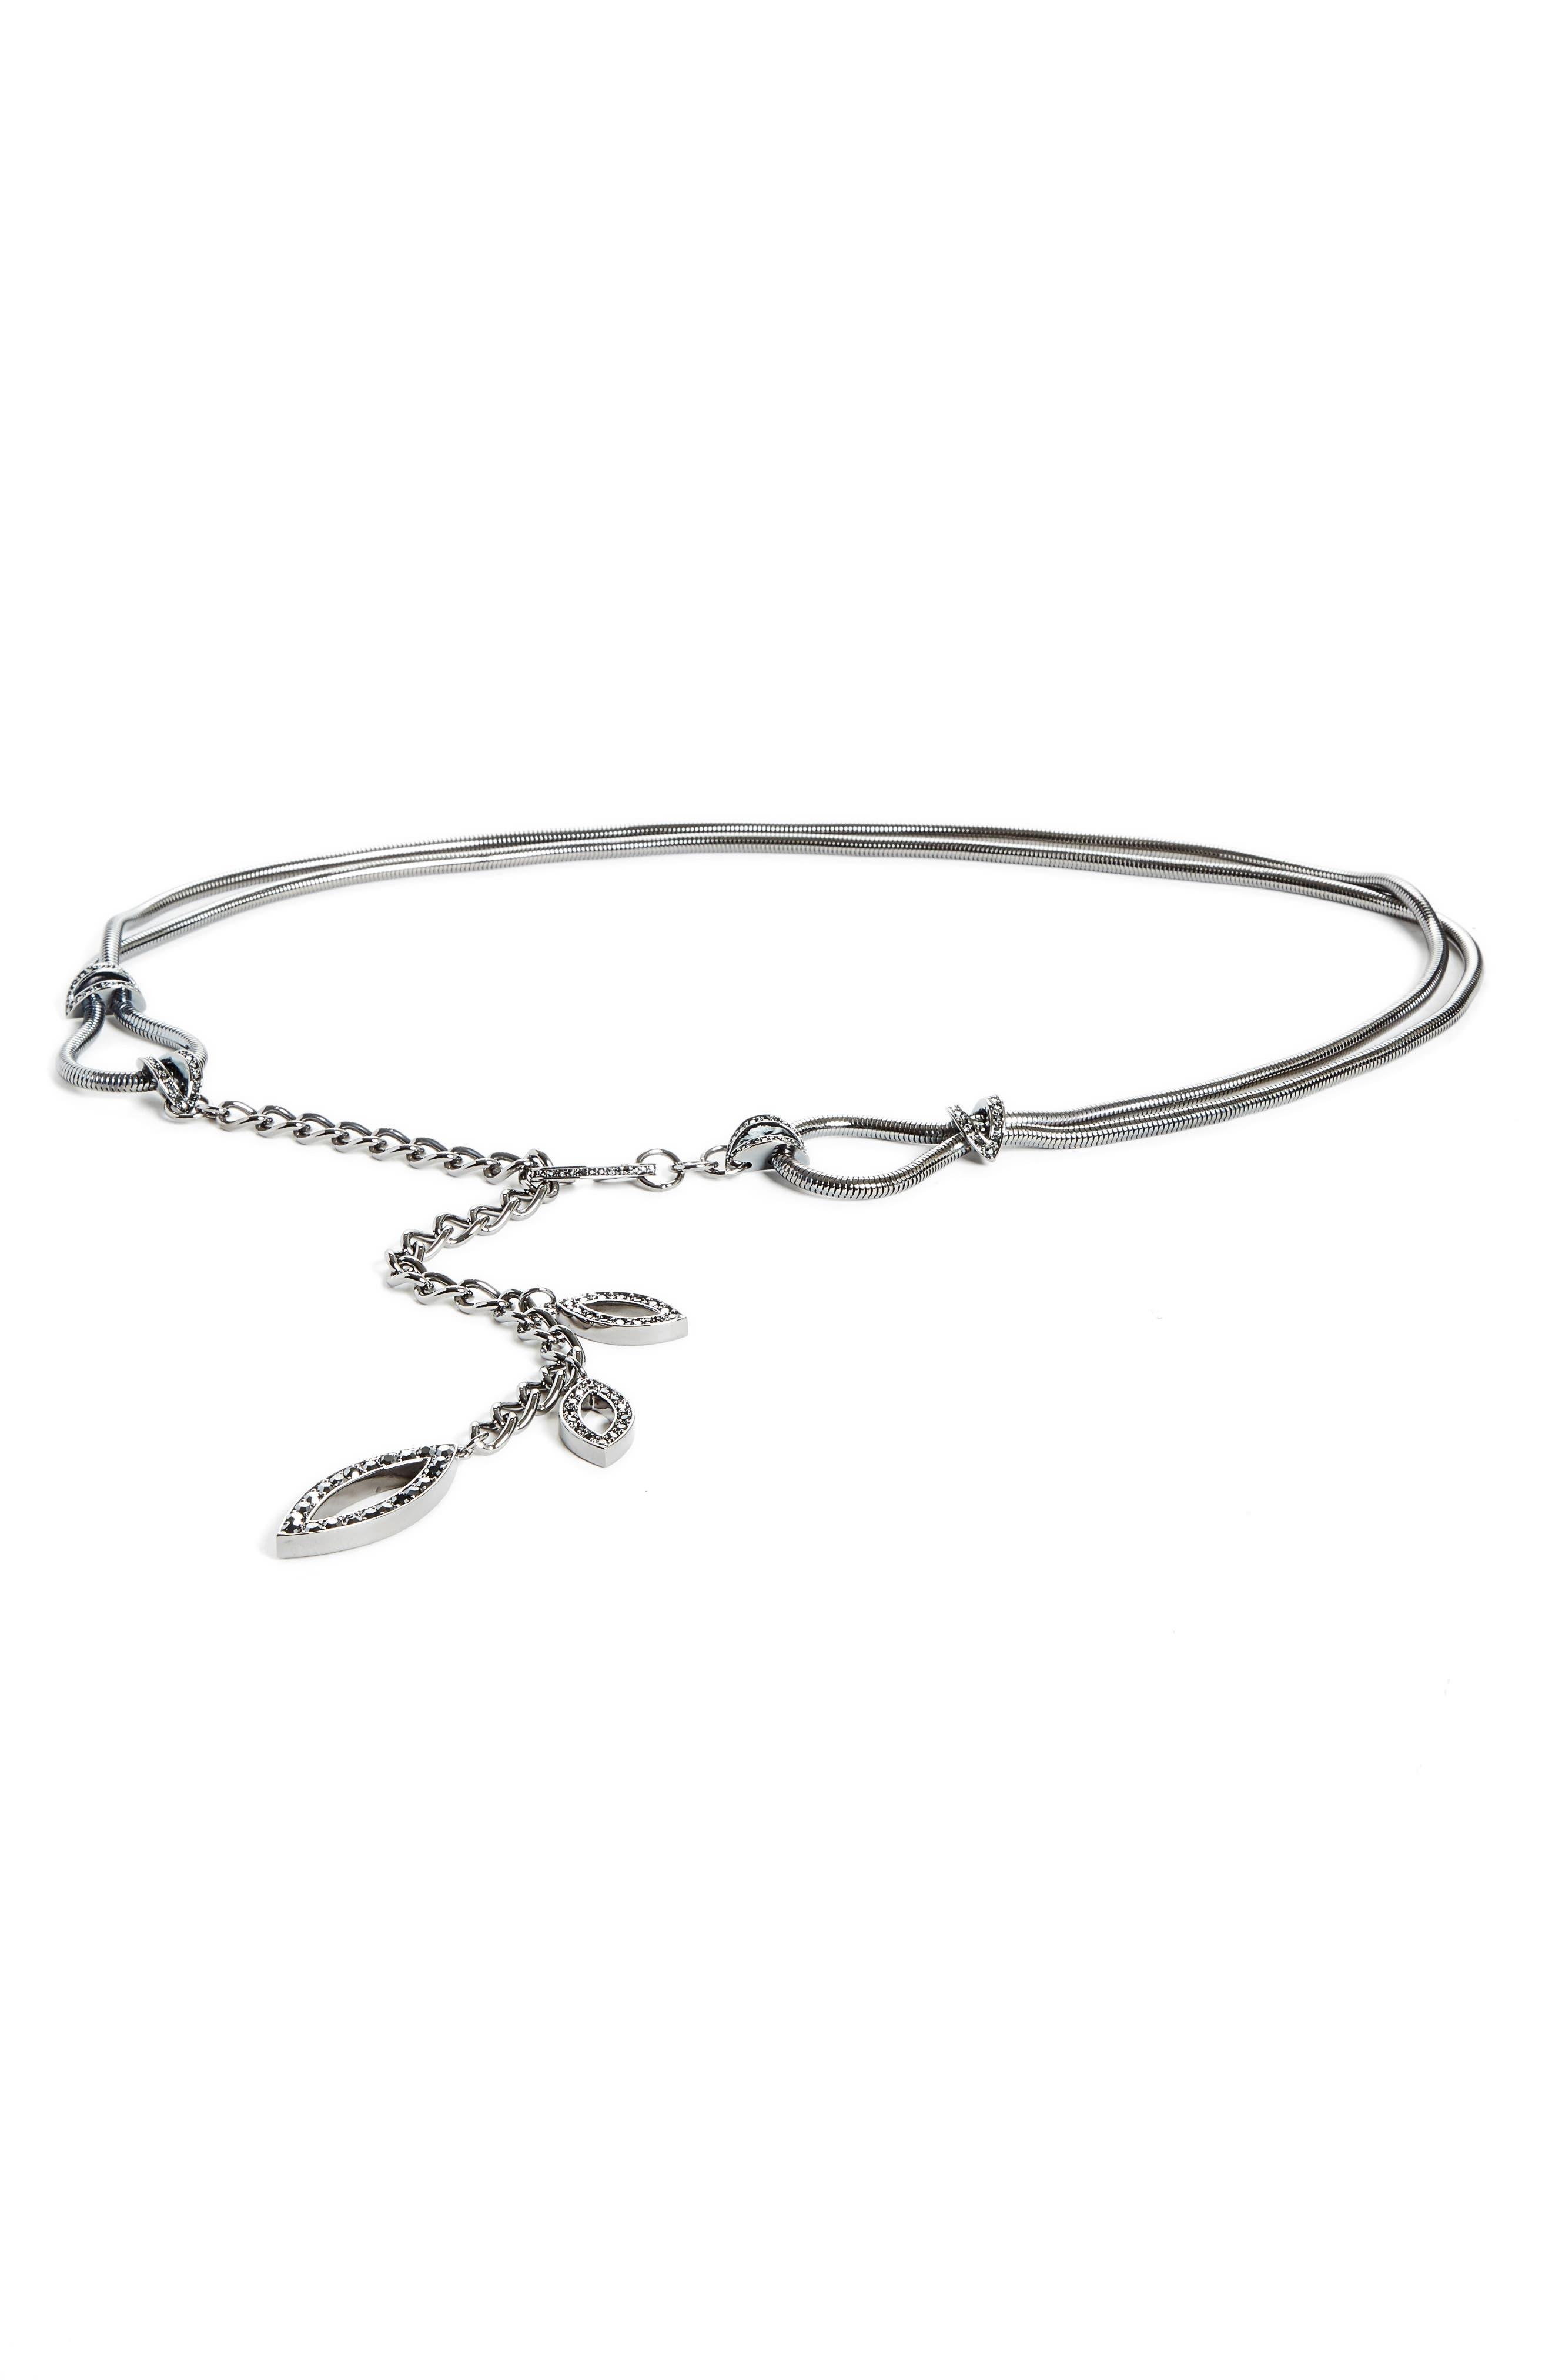 Main Image - St. John Collection Swarovski Crystal Leaf Chain Belt